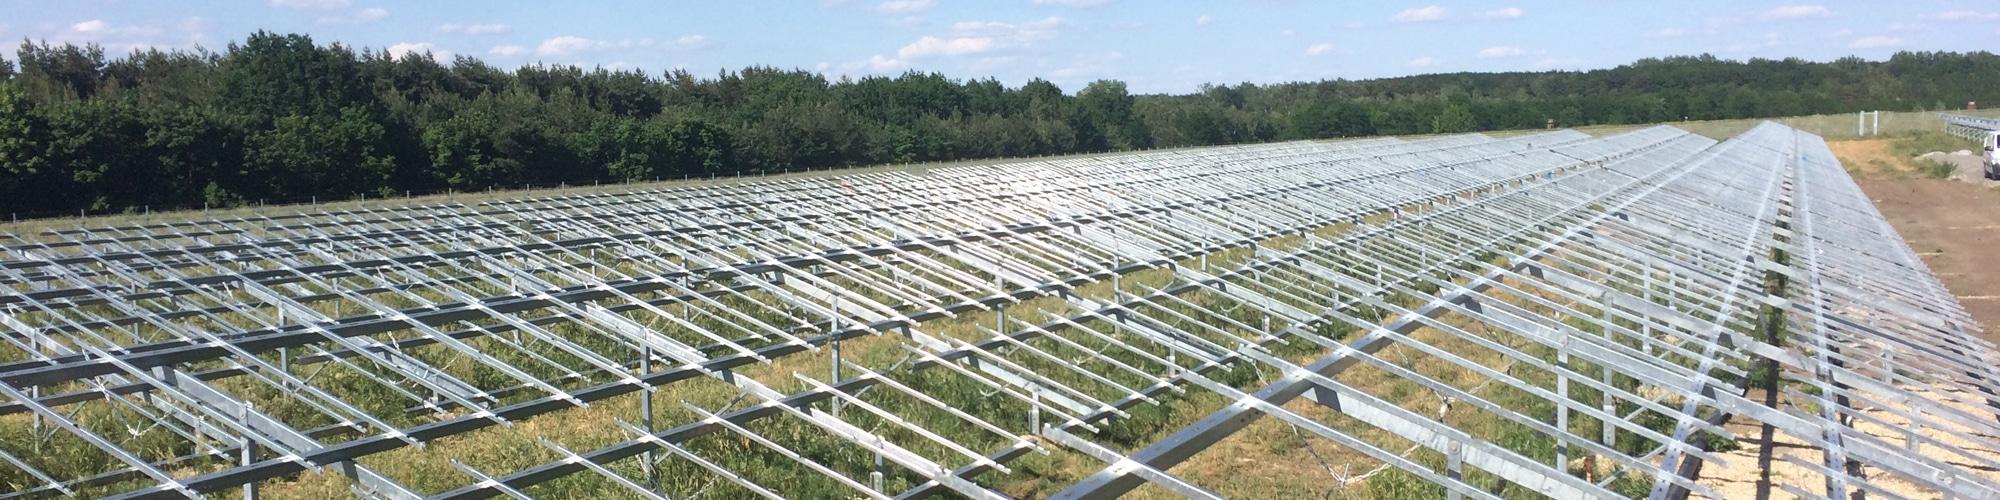 Freiland-Montagesystem für Kollektoren bei Großanlagen